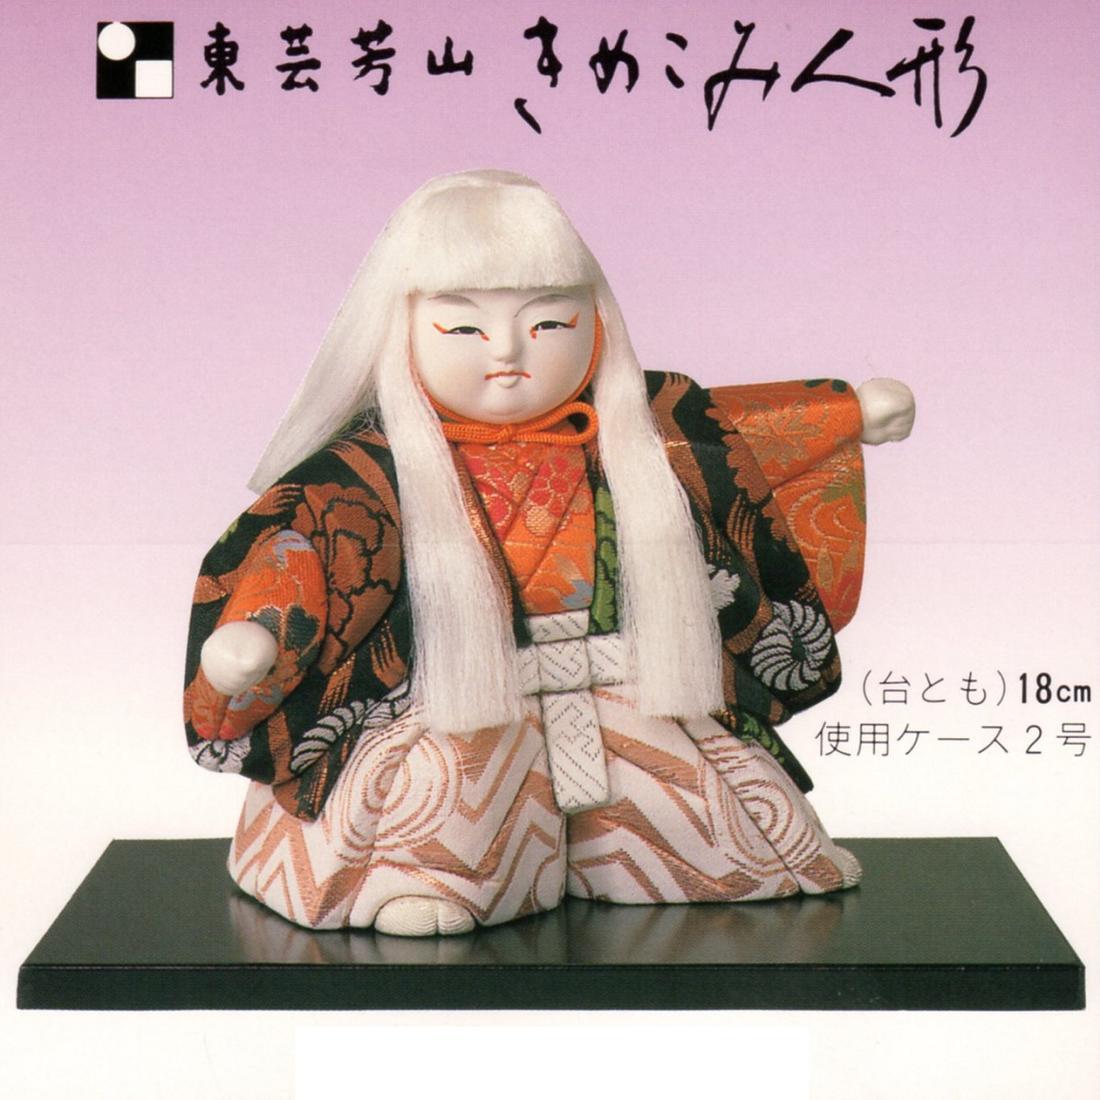 東芸 木目込人形キット「2号・石橋」(しゃっきょう) K024-02